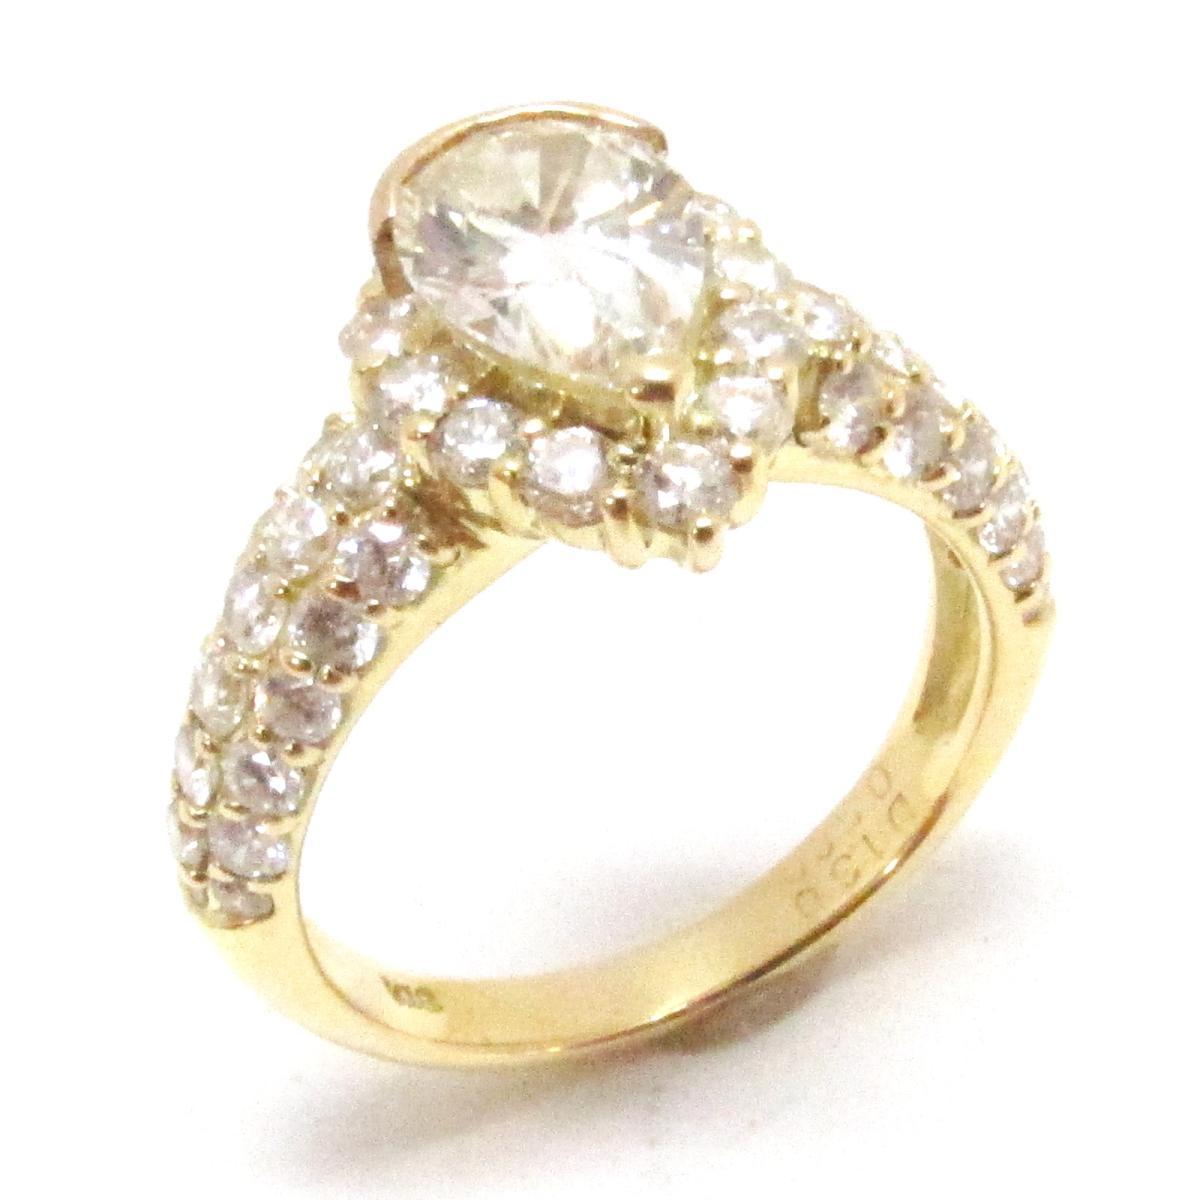 【中古】 ジュエリー ダイヤモンド リング 指輪 レディース K18YG (750) イエローゴールド x (1.30ct/0.58ct) | JEWELRY BRANDOFF ブランドオフ ブランド アクセサリー